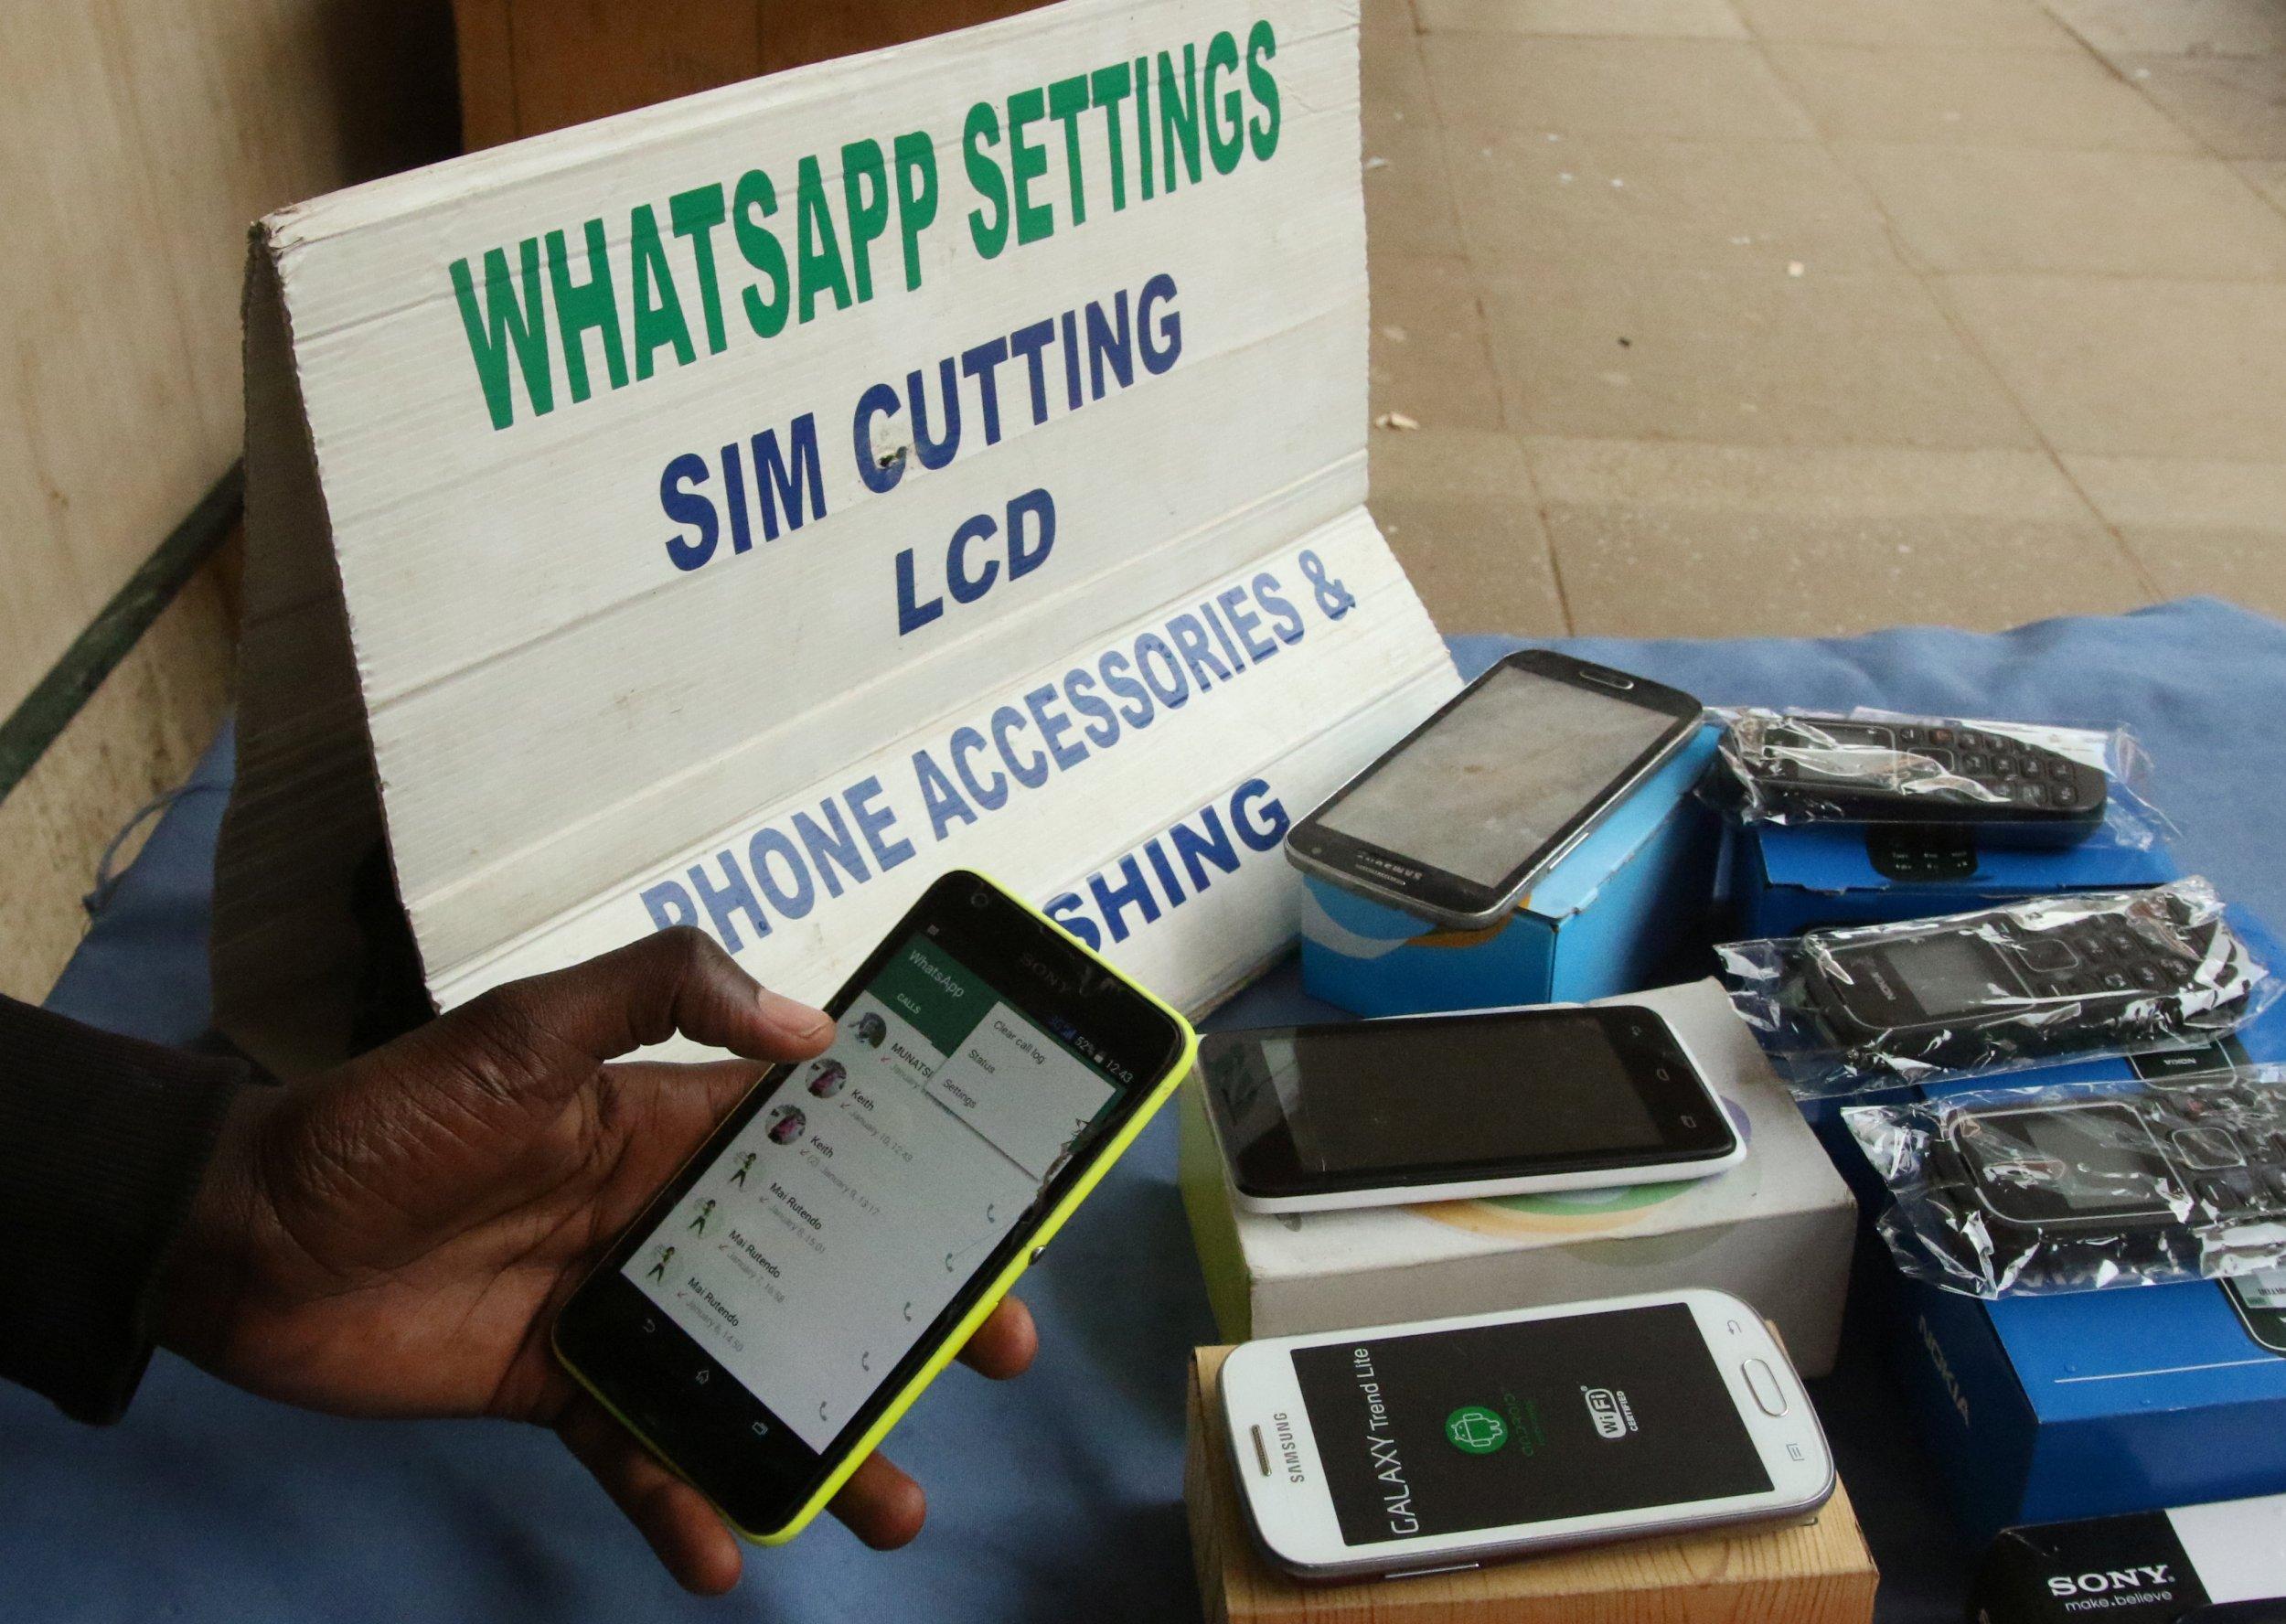 Zimbabwe mobile phone vendor